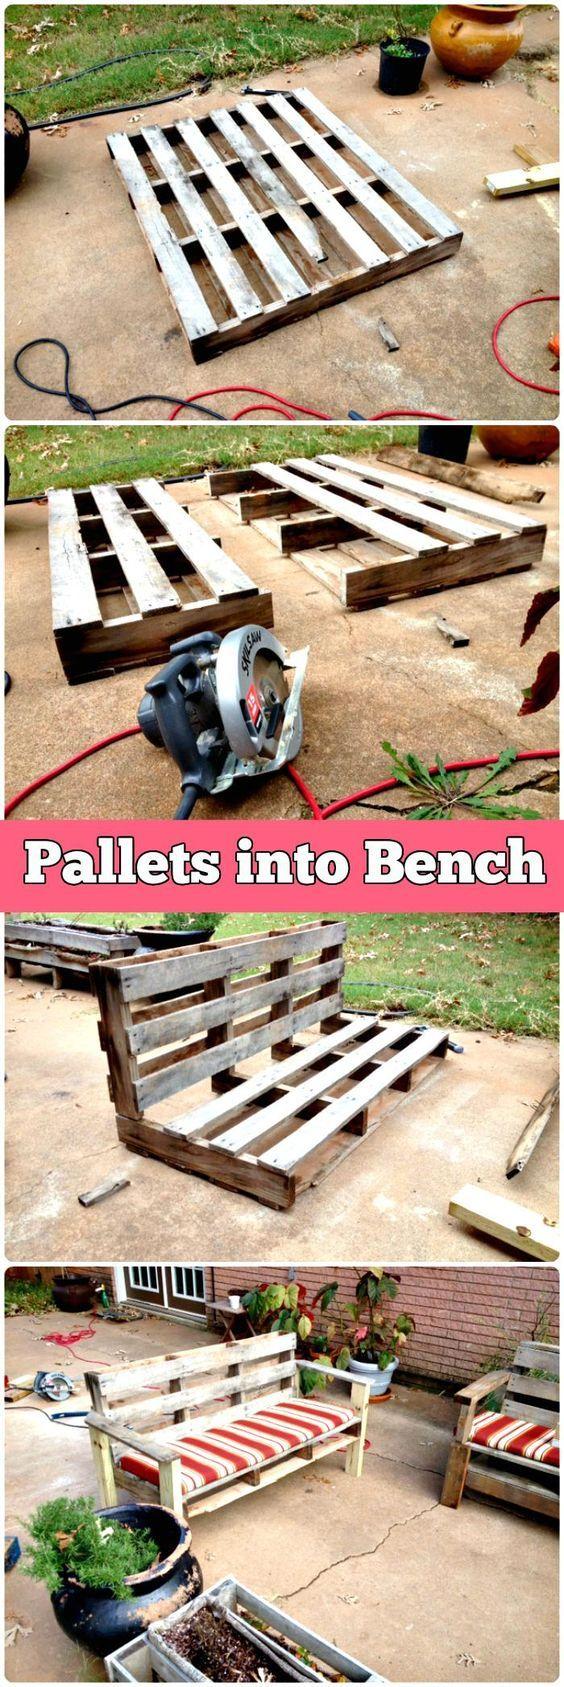 Transformar un palet en un banco | decoracion | Pinterest | Bancos ...